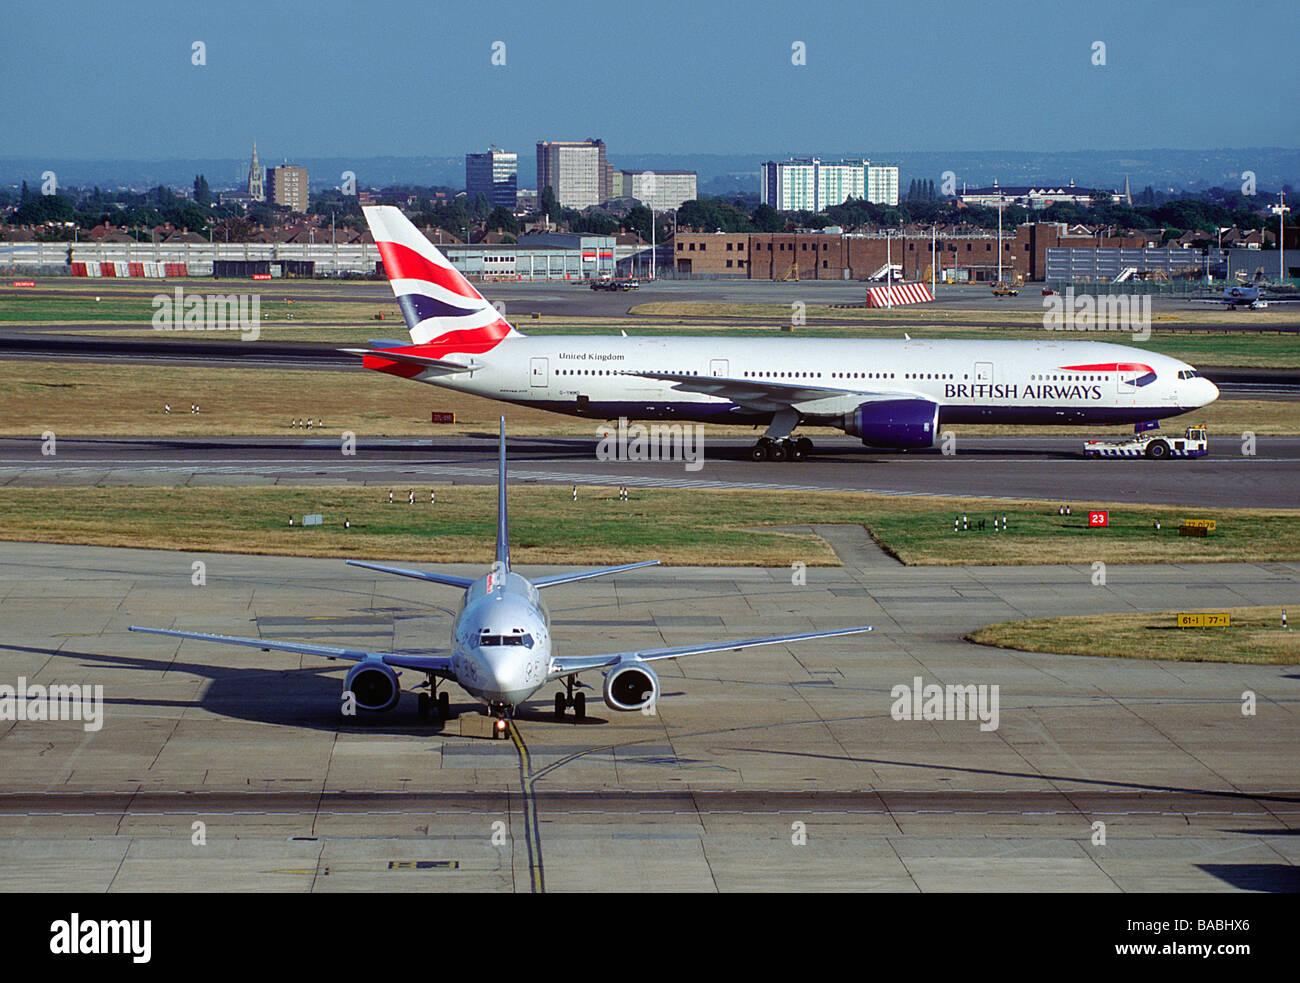 A Lufthansa Boeing 737 and British Airways Boeing 777 at London